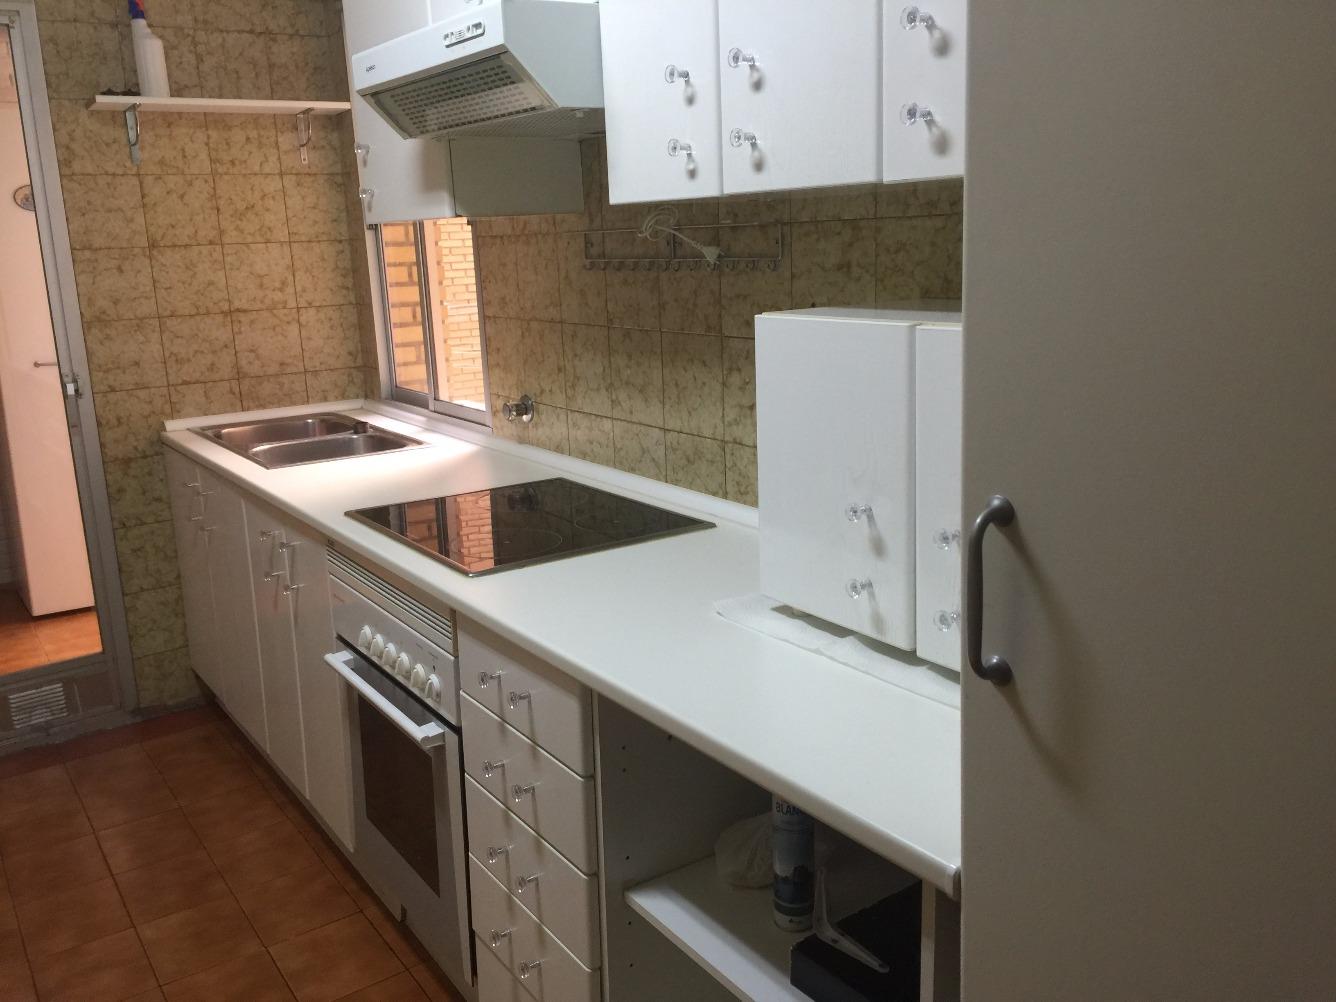 Muebles de cocina de segunda mano las palmas for Cocina segunda mano